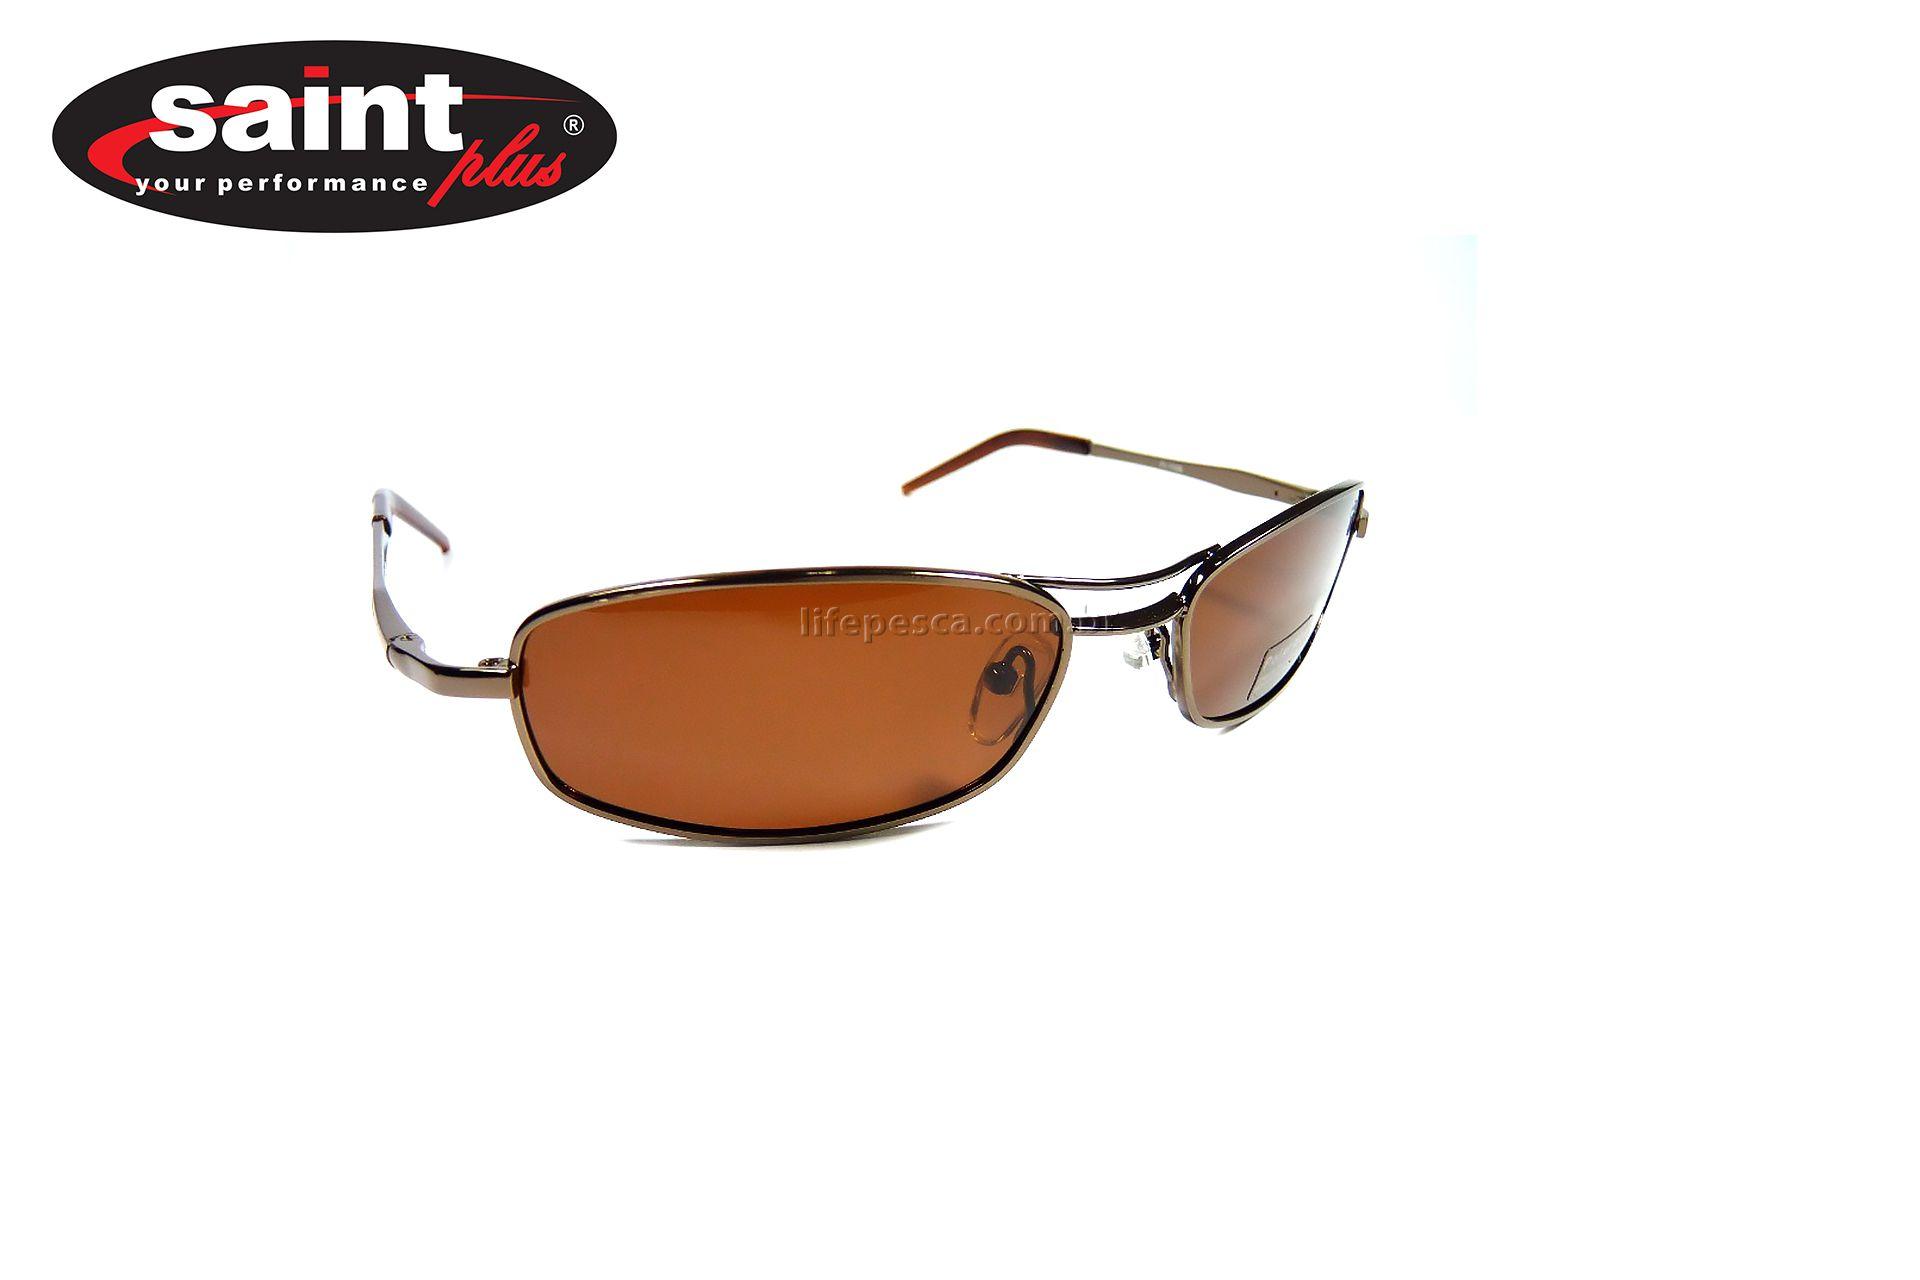 Óculos Polarizado Saint 100% Proteção Uv - Aluminium 1004